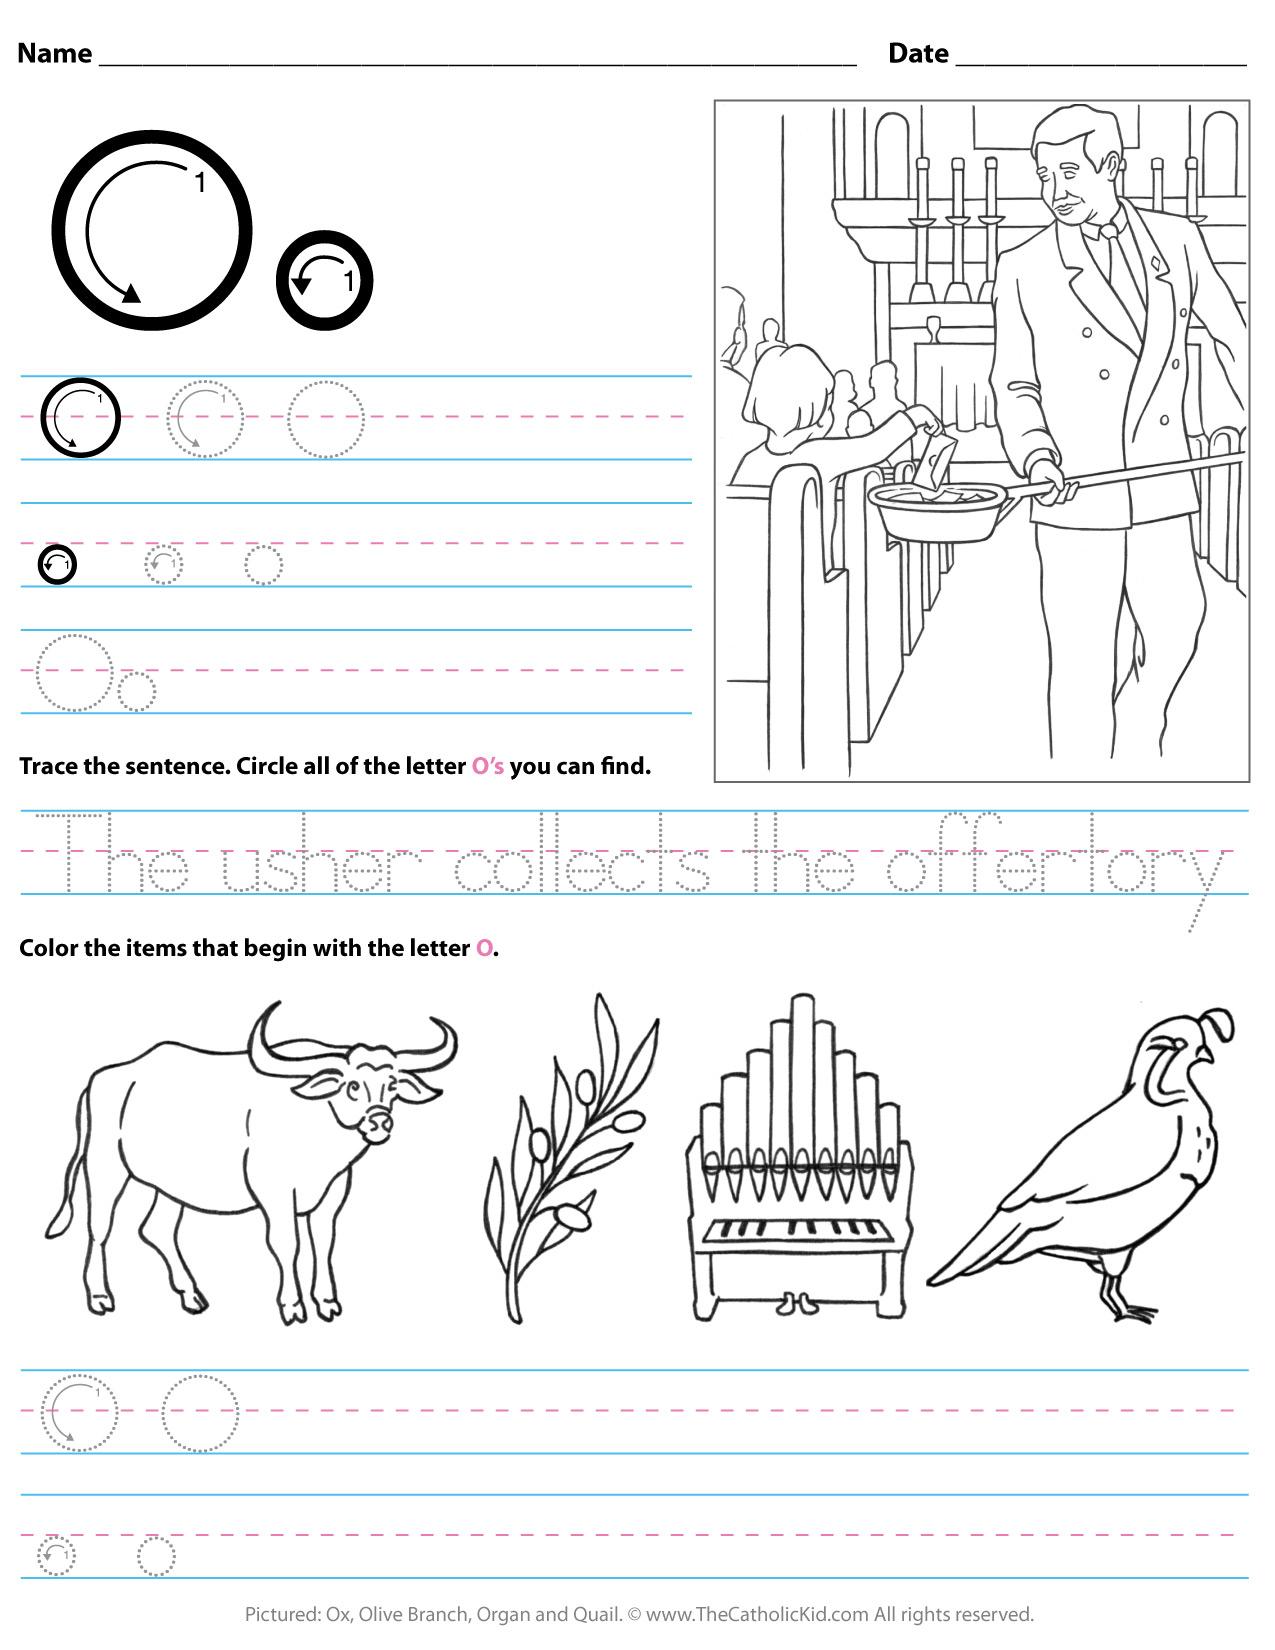 Catholic Alphabet Letter O Worksheet Preschool Kindergarten - pertaining to Letter O Worksheets For Kindergarten